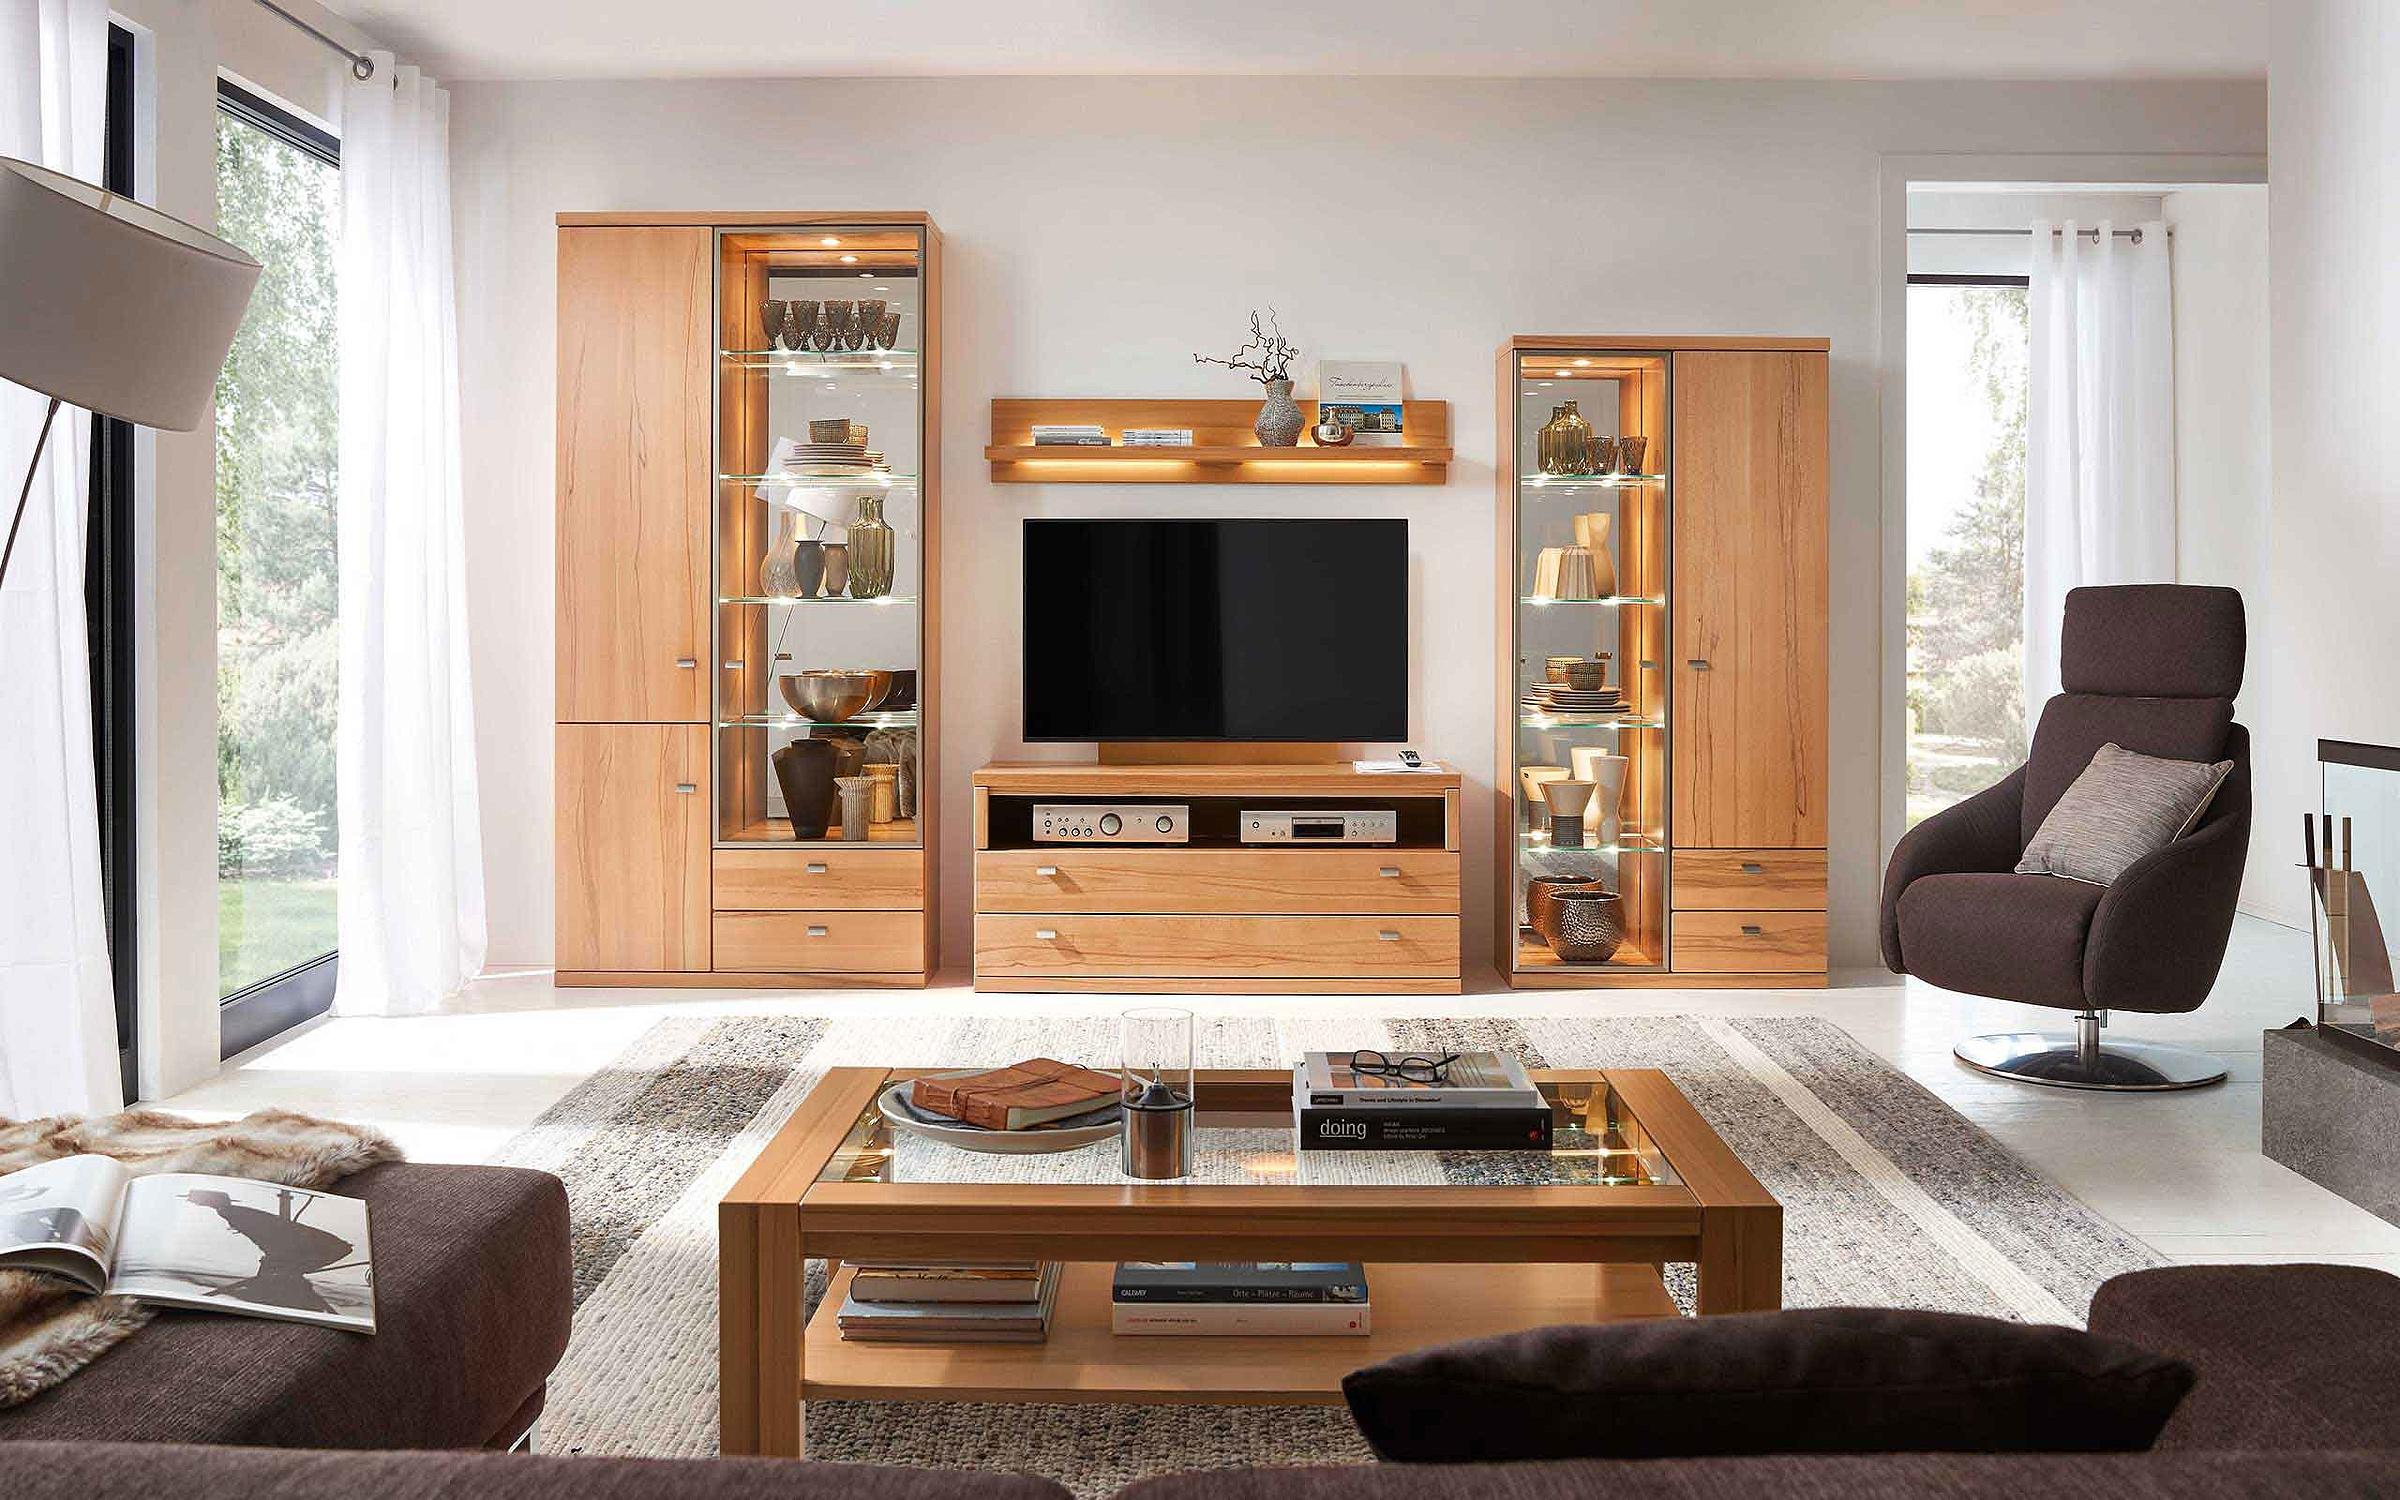 Wohnwand Couchtisch Wohnzimmer Cento Holz Kernbuche massiv